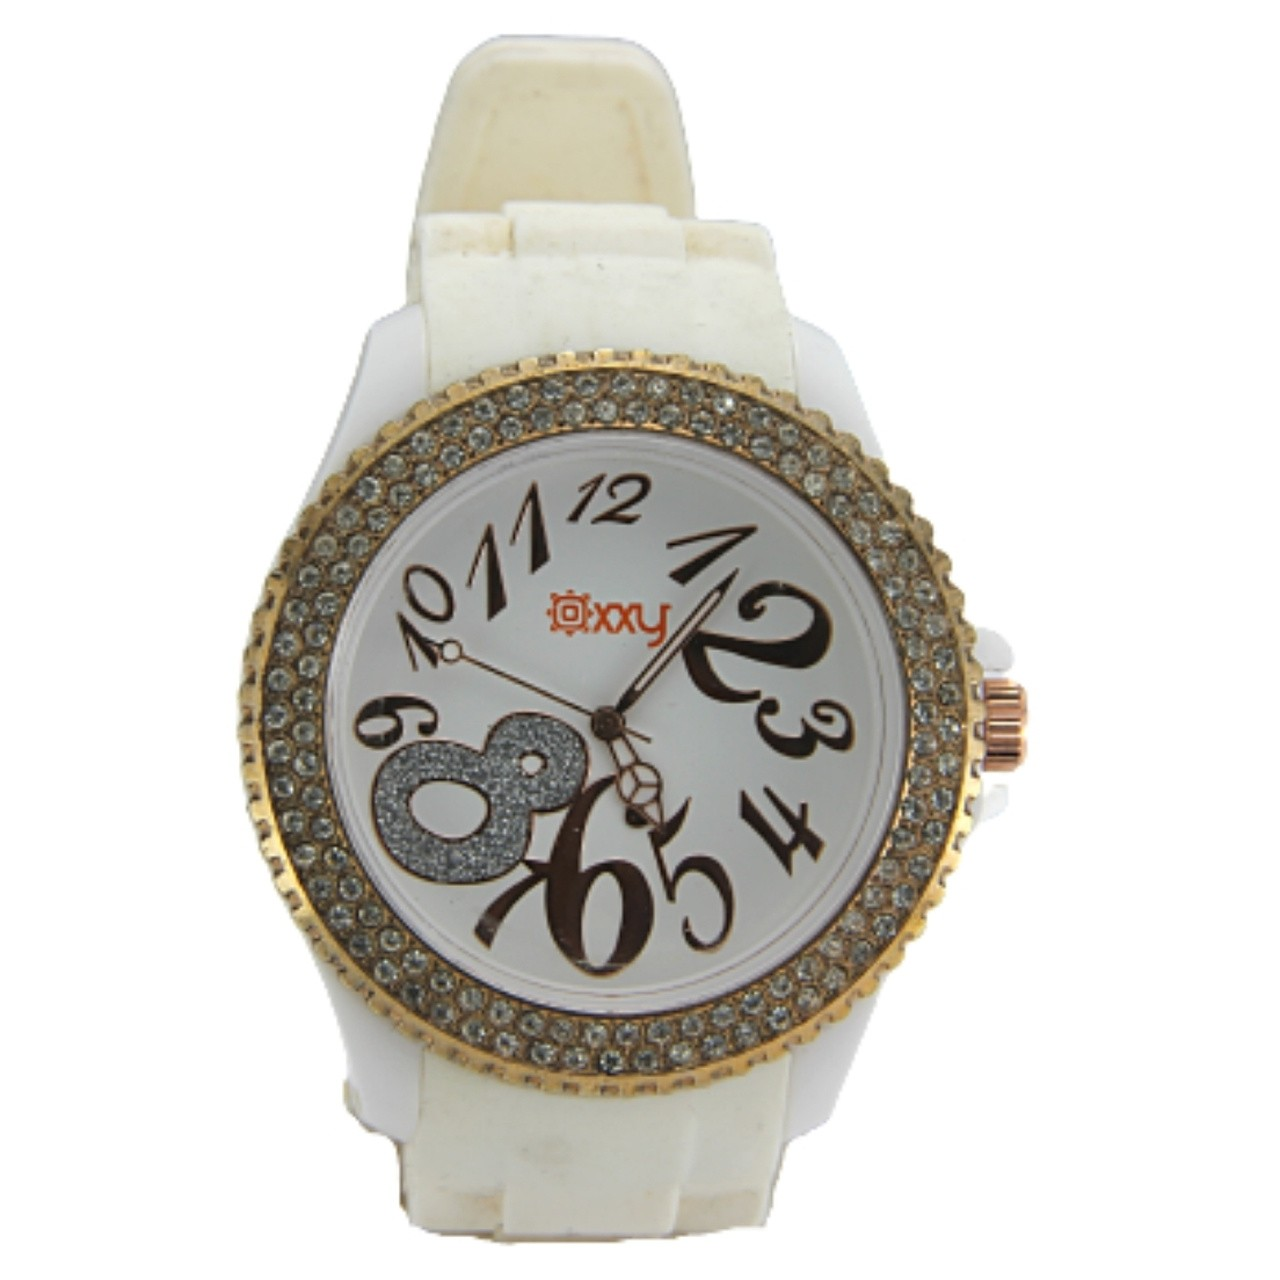 Relógio Oxxy White Fashion Feminino - Branco e Amarelo/Prata